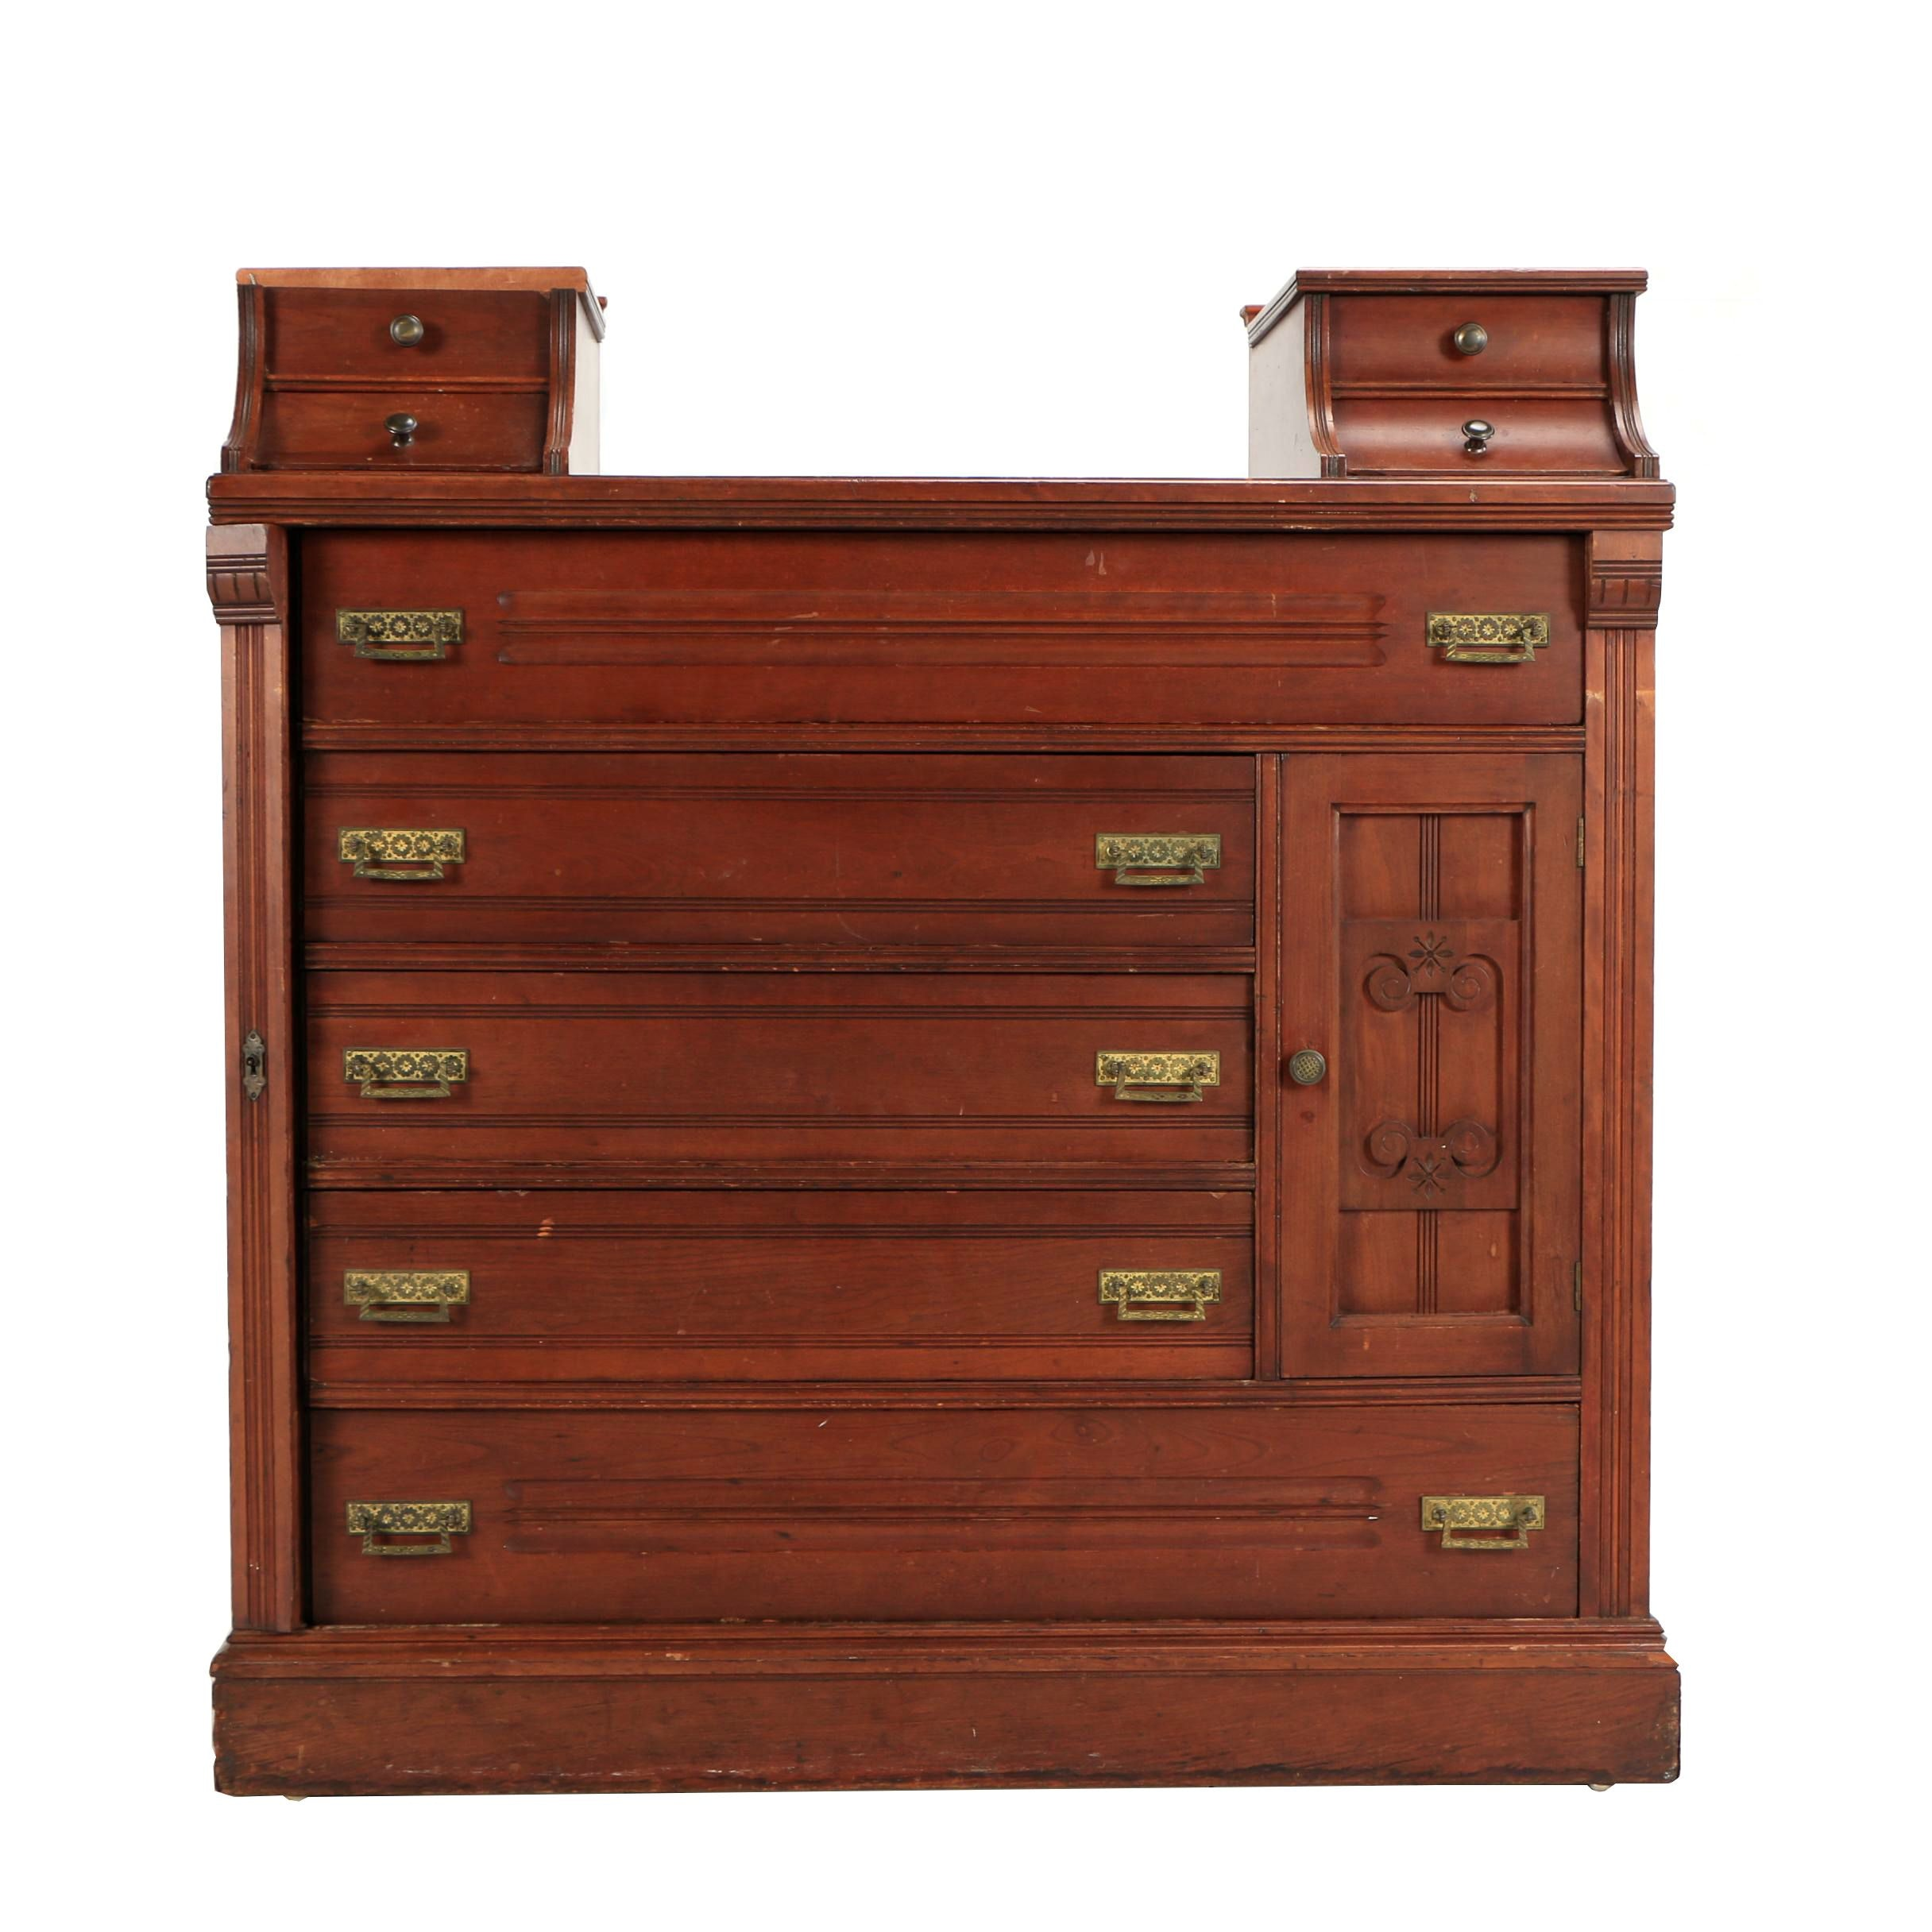 Eastlake Lockside Dresser with Hatbox Cabinet